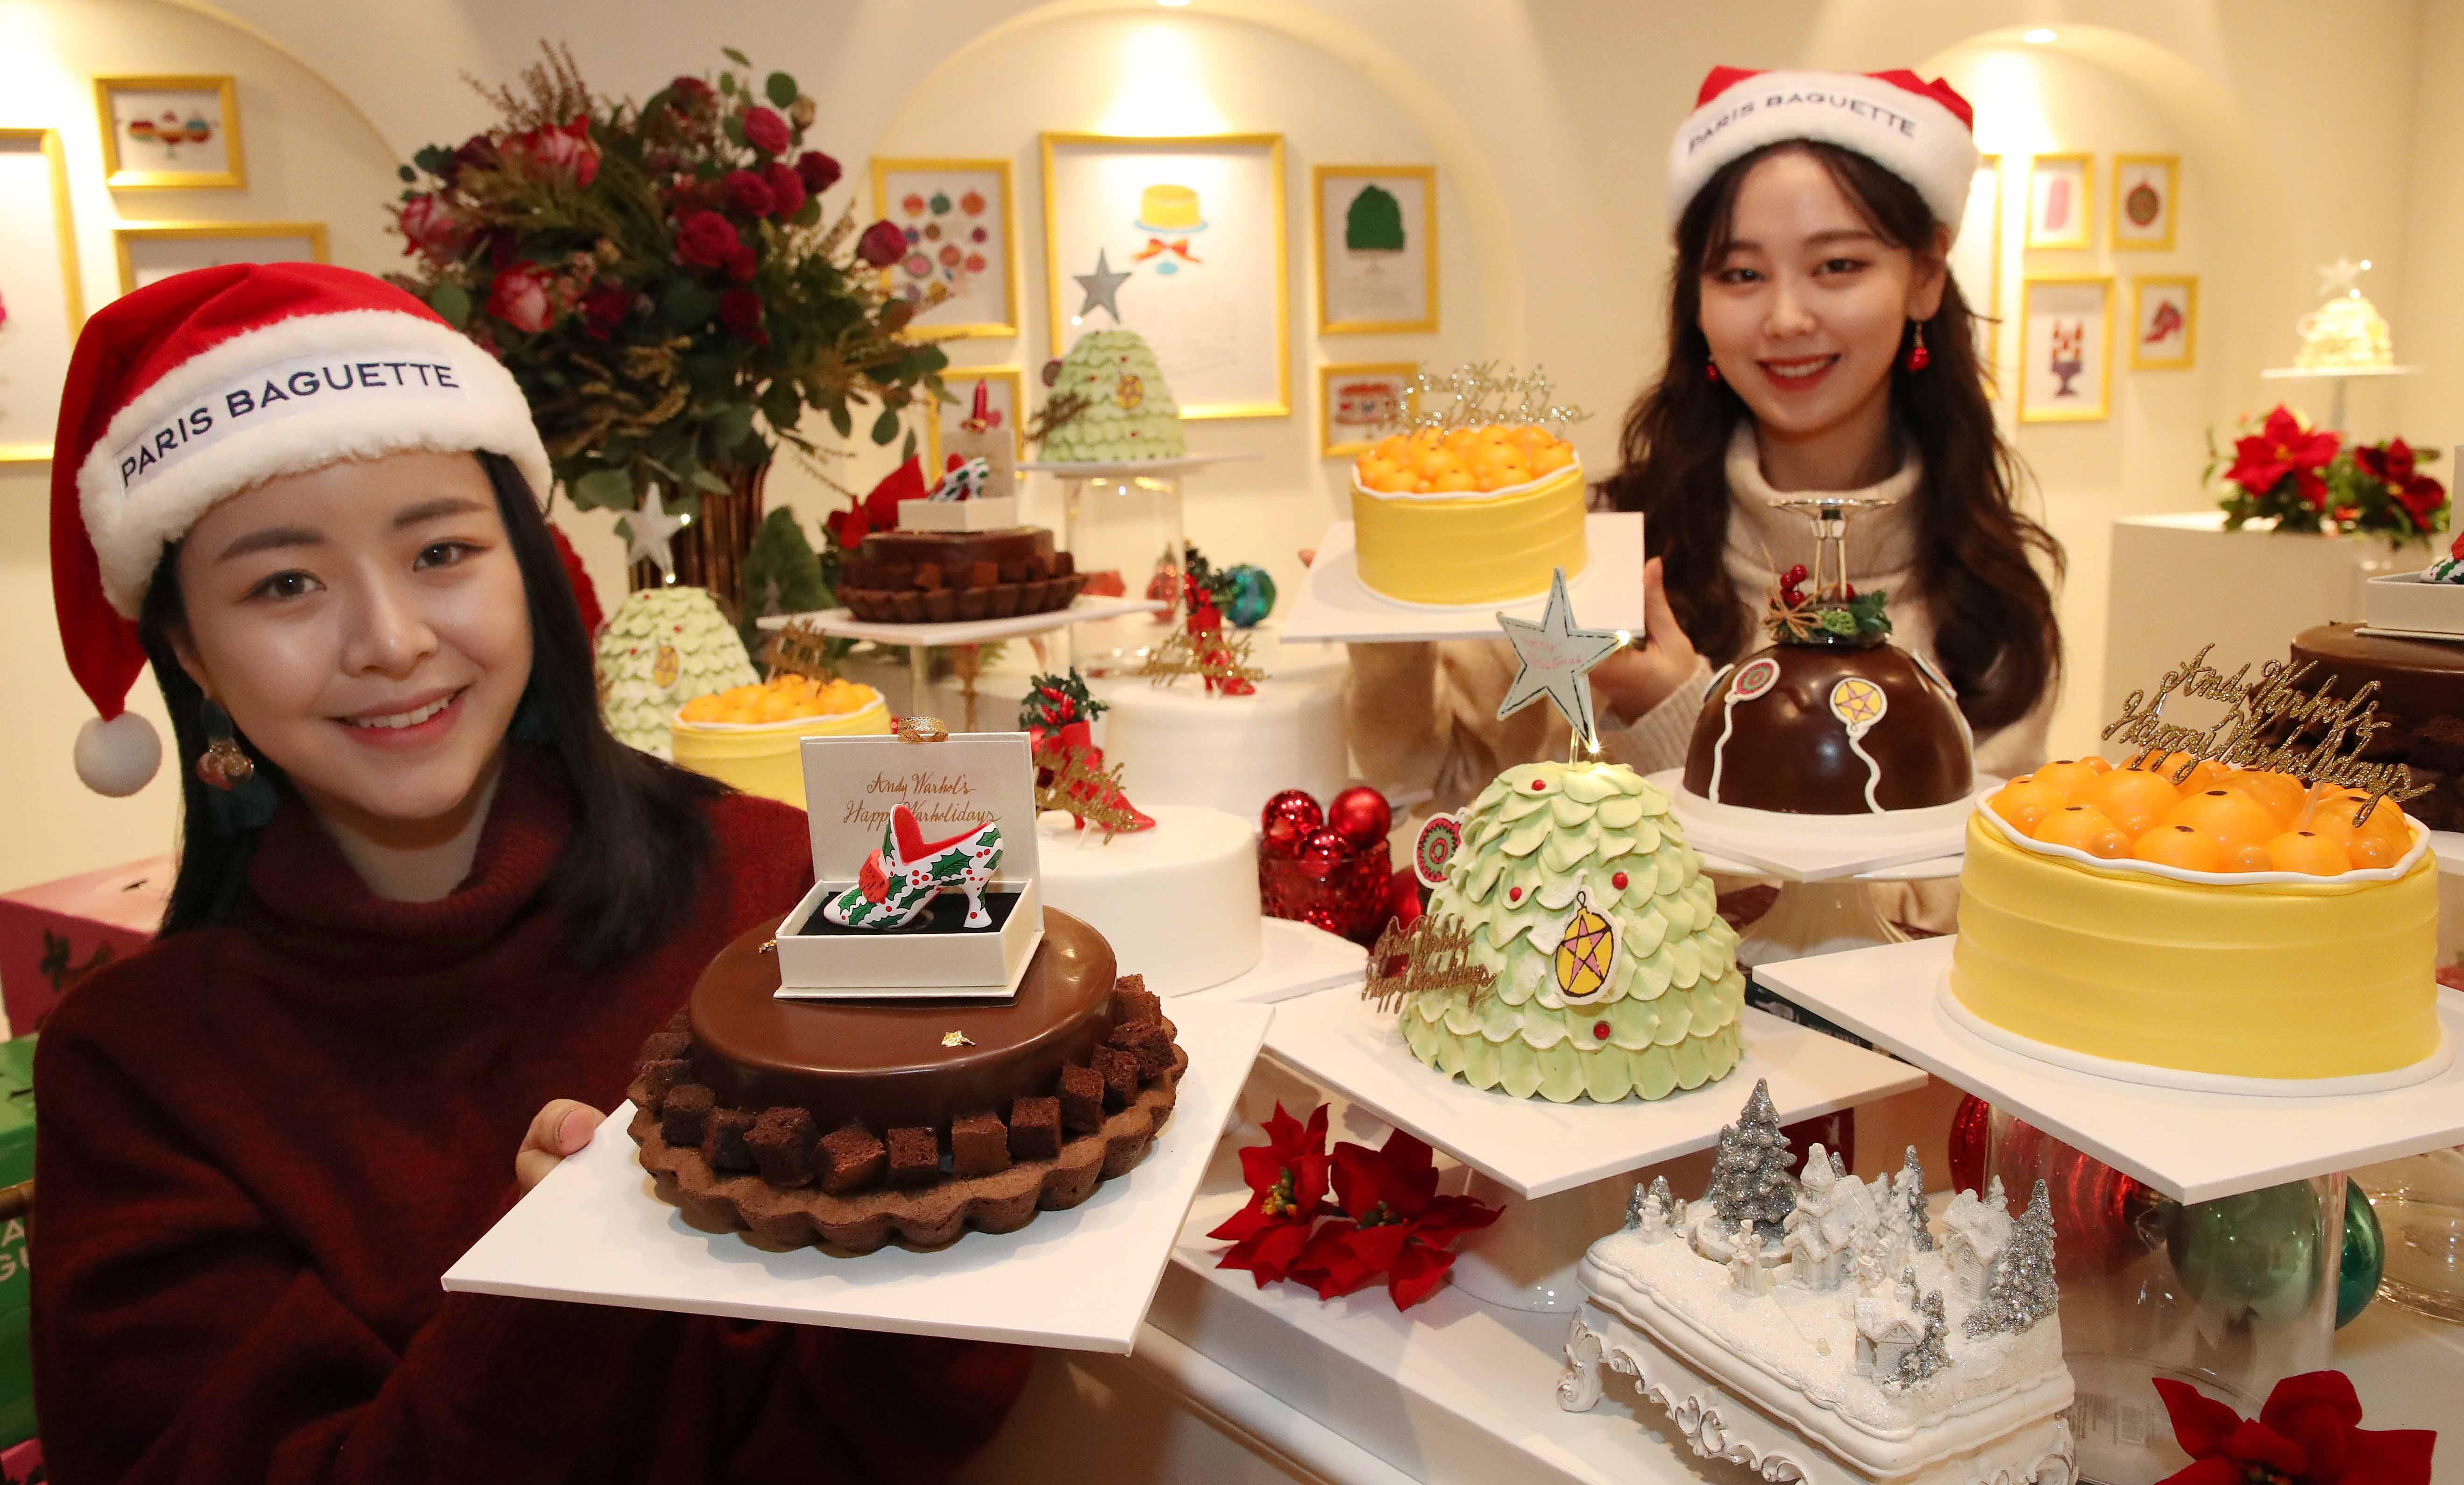 파리바게뜨 크리스마스 케이크 살롱